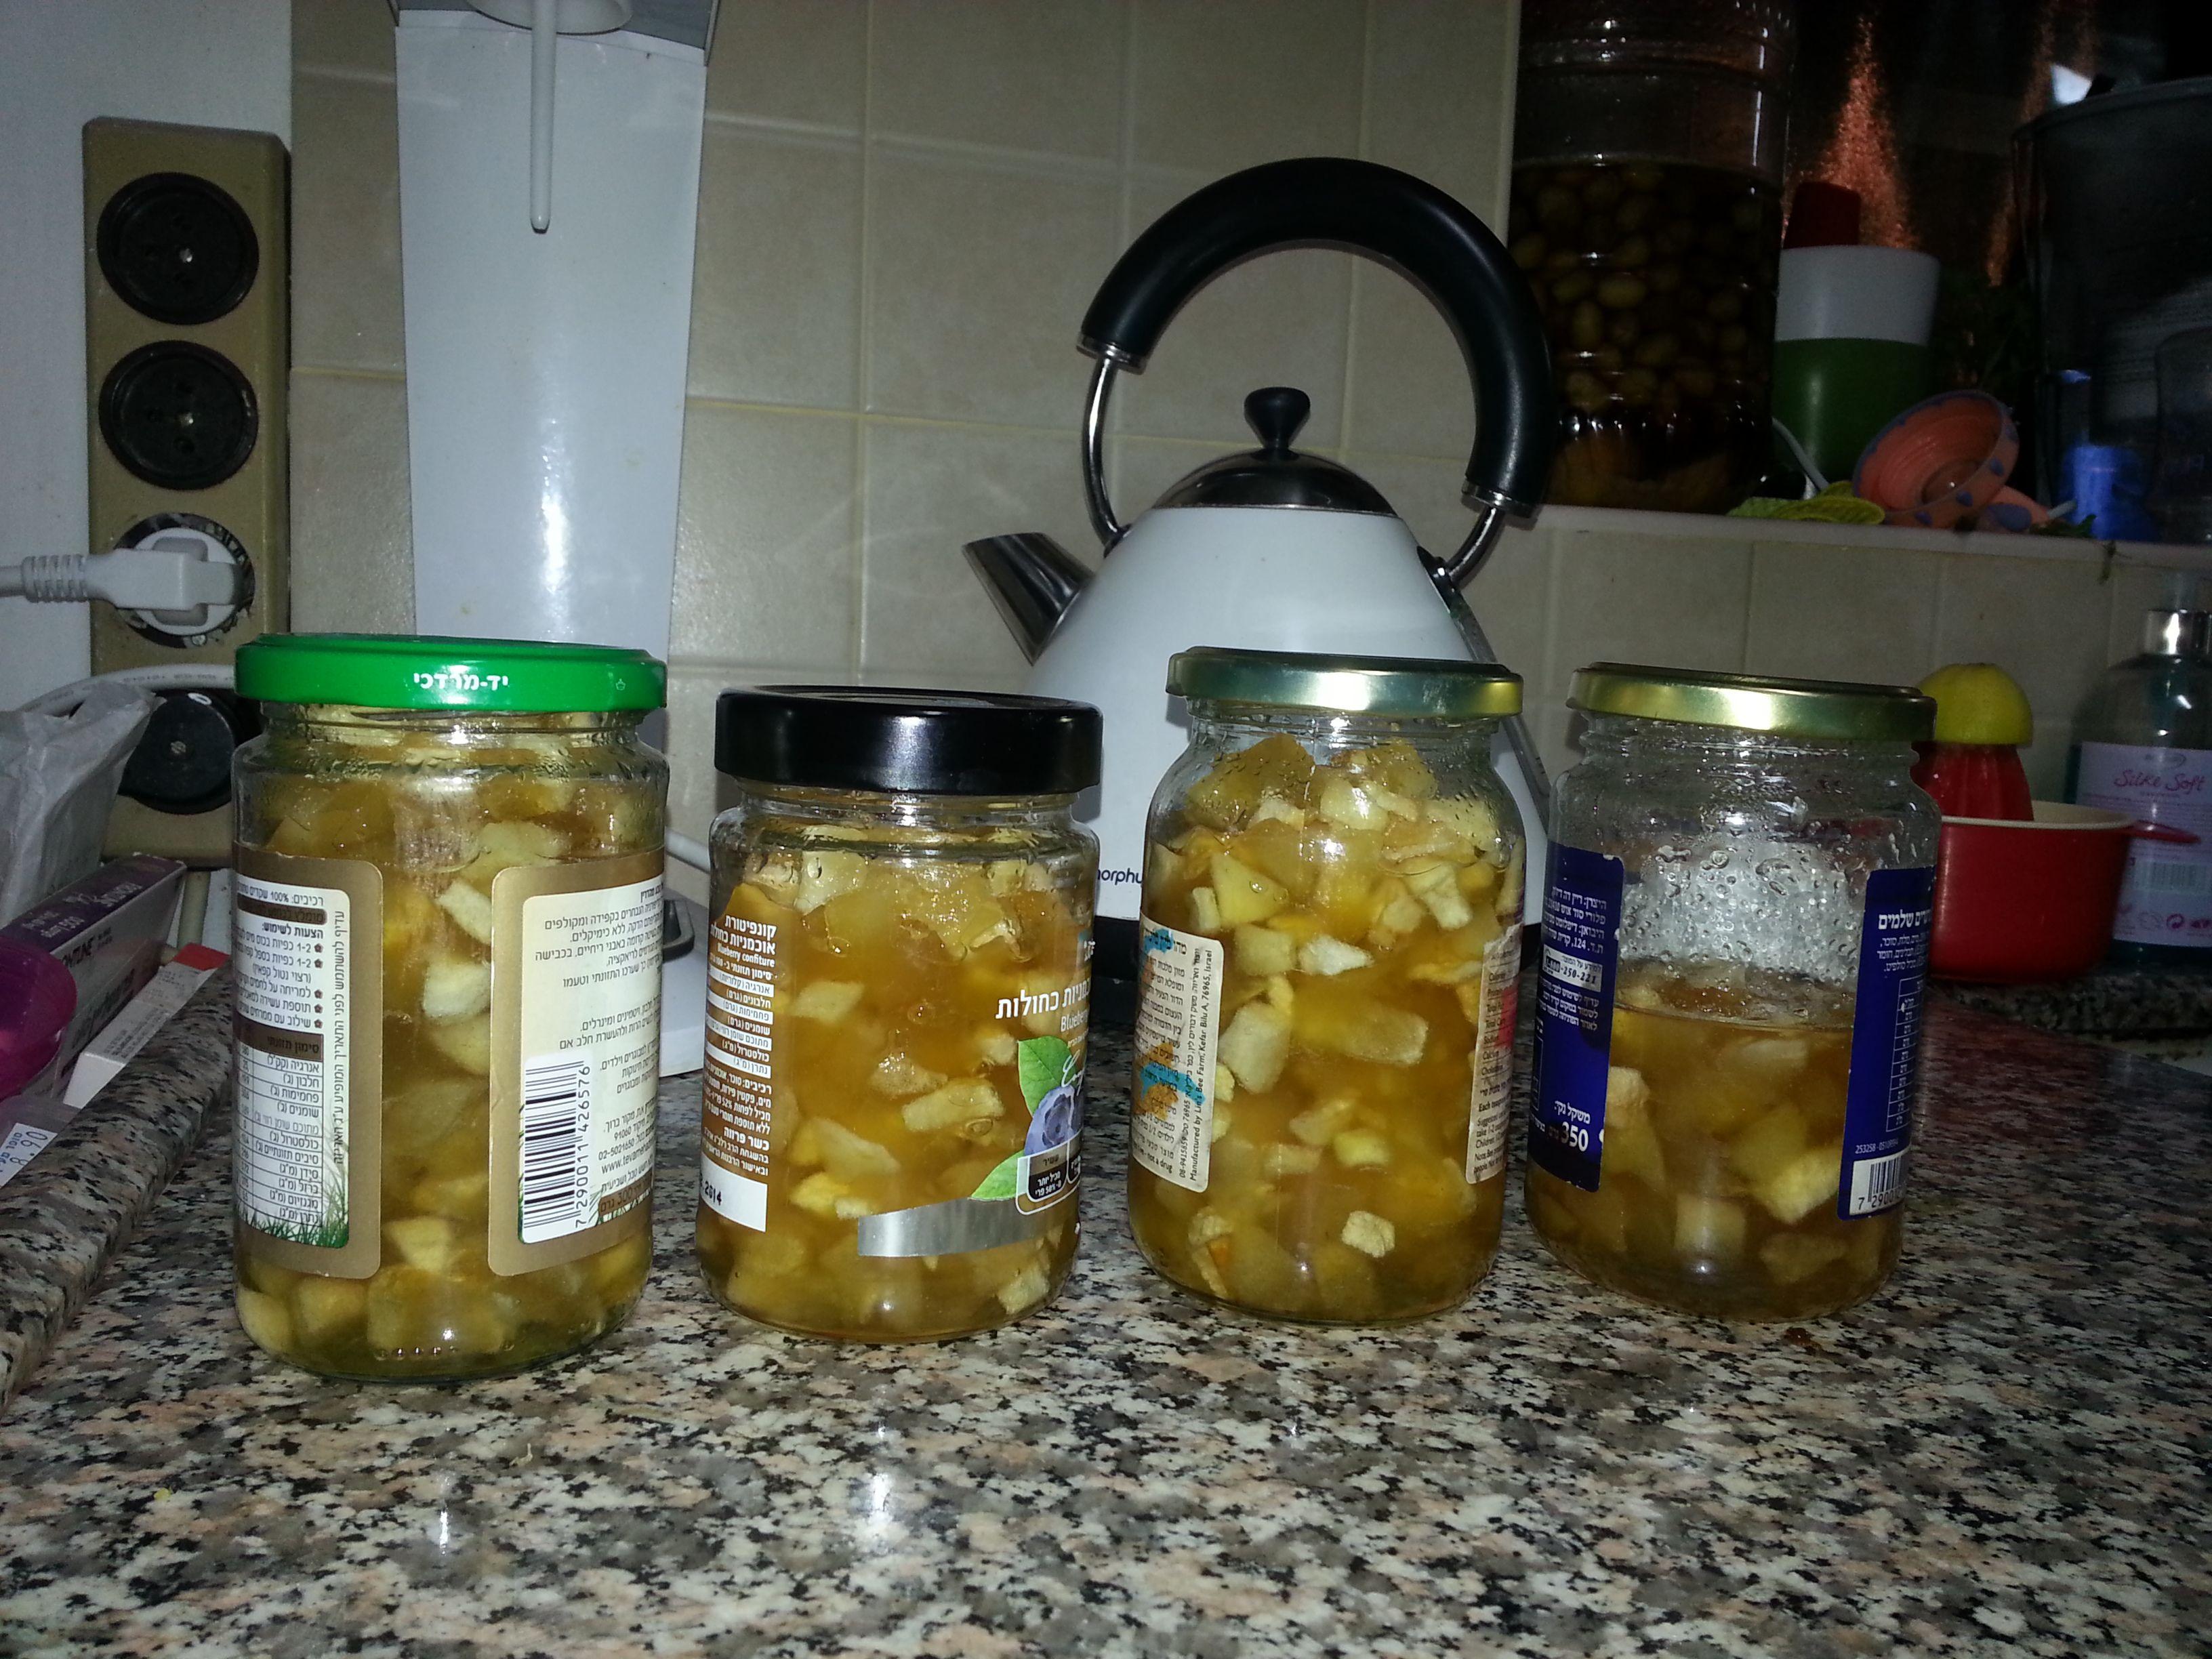 d7a8d799d791d7aa d7aad7a4d795d797d799d79d - מעדן קונפיטורת תפוחים